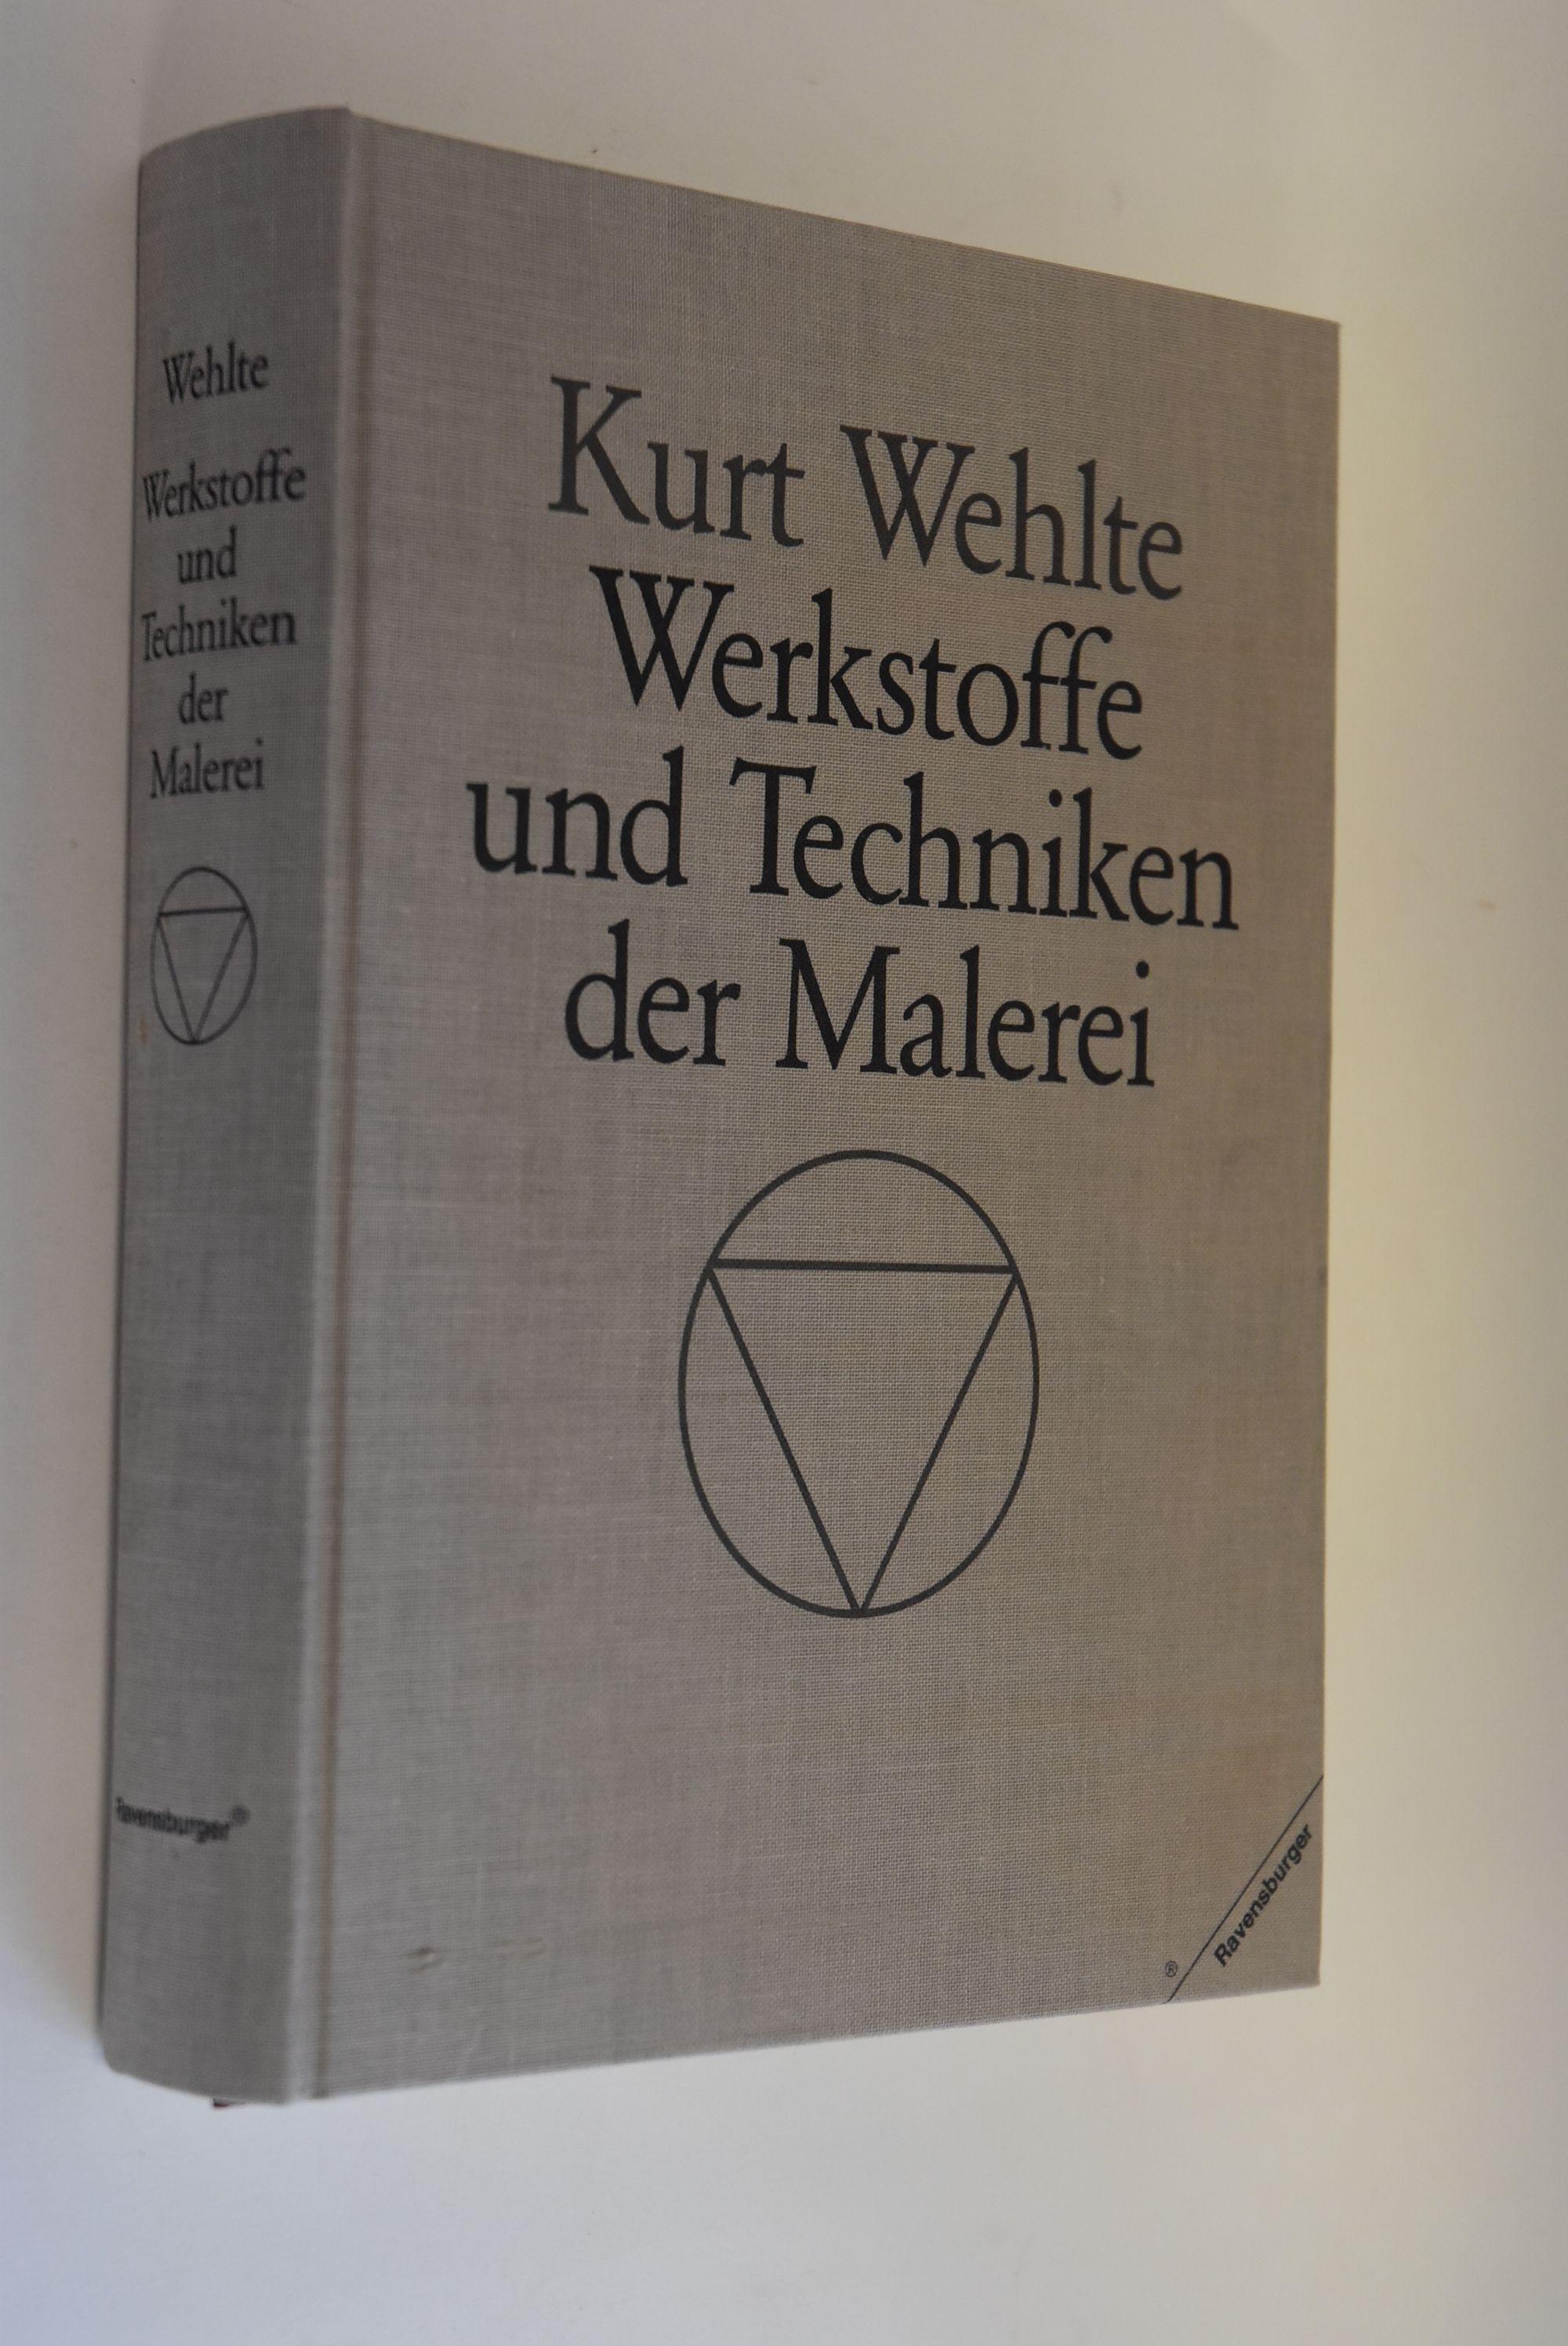 Werkstoffe und Techniken der Malerei. Kurt Wehlte.: Wehlte, Kurt und